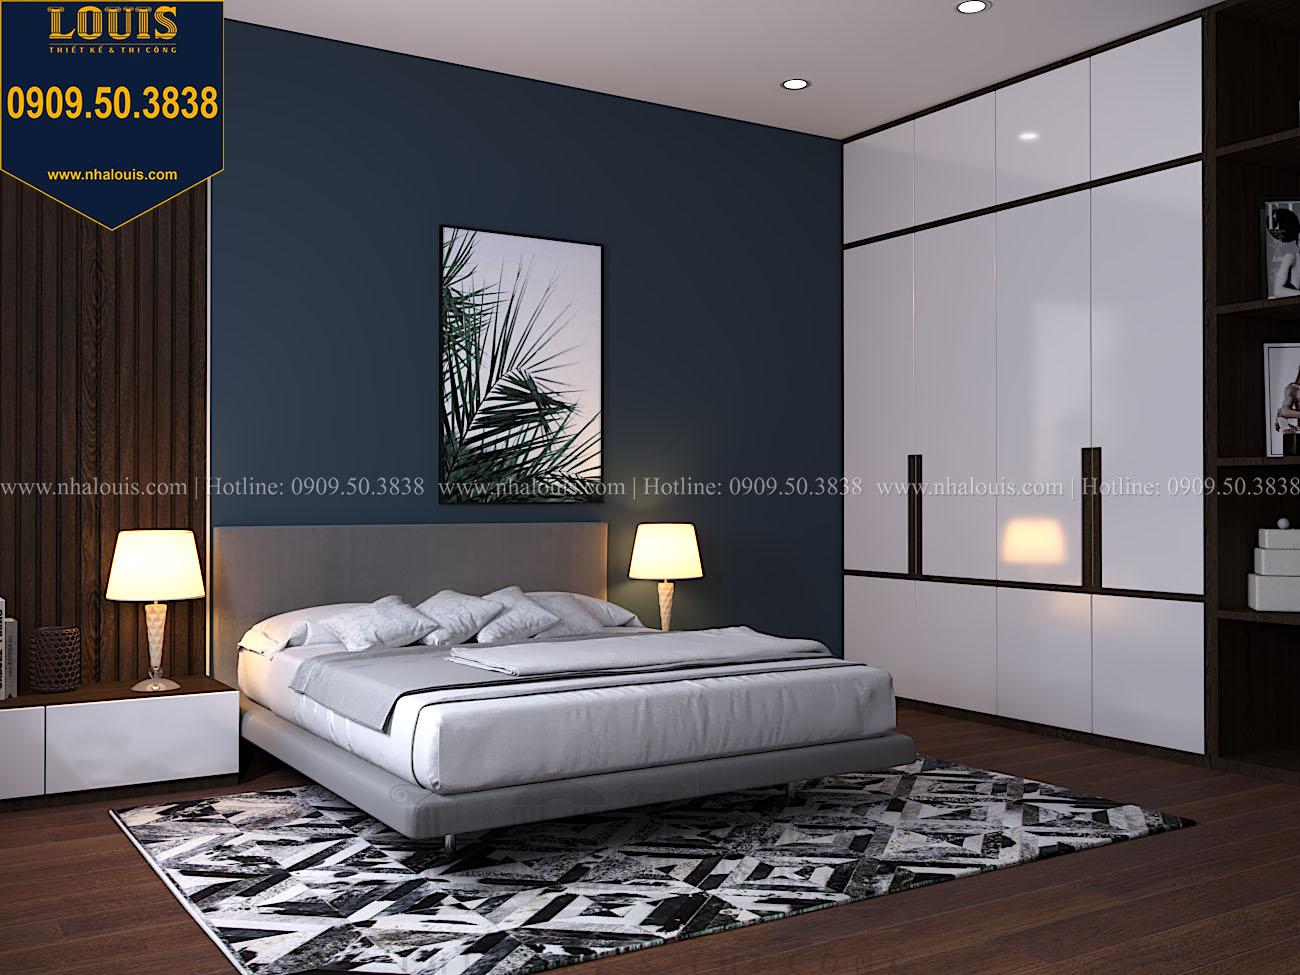 Phòng ngủ Mẫu biệt thự 3 tầng hiện đại với không gian mở ở quận 12 - 052